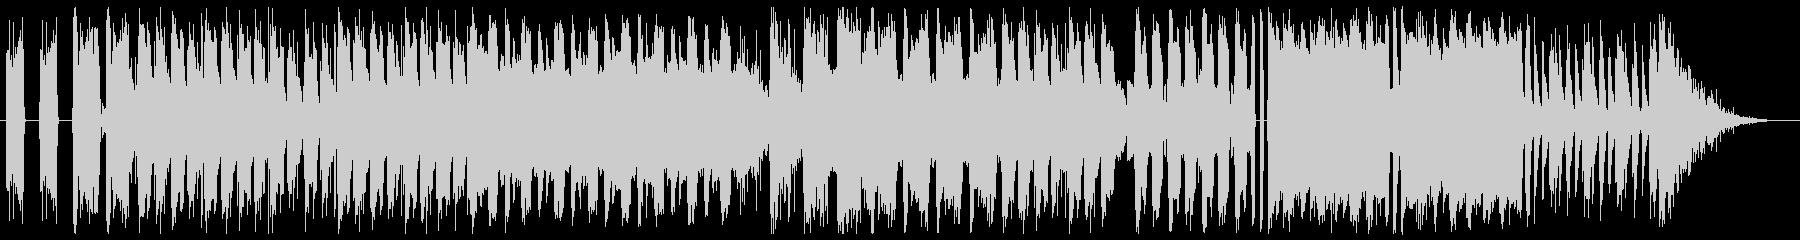 グランジ系ロックの未再生の波形